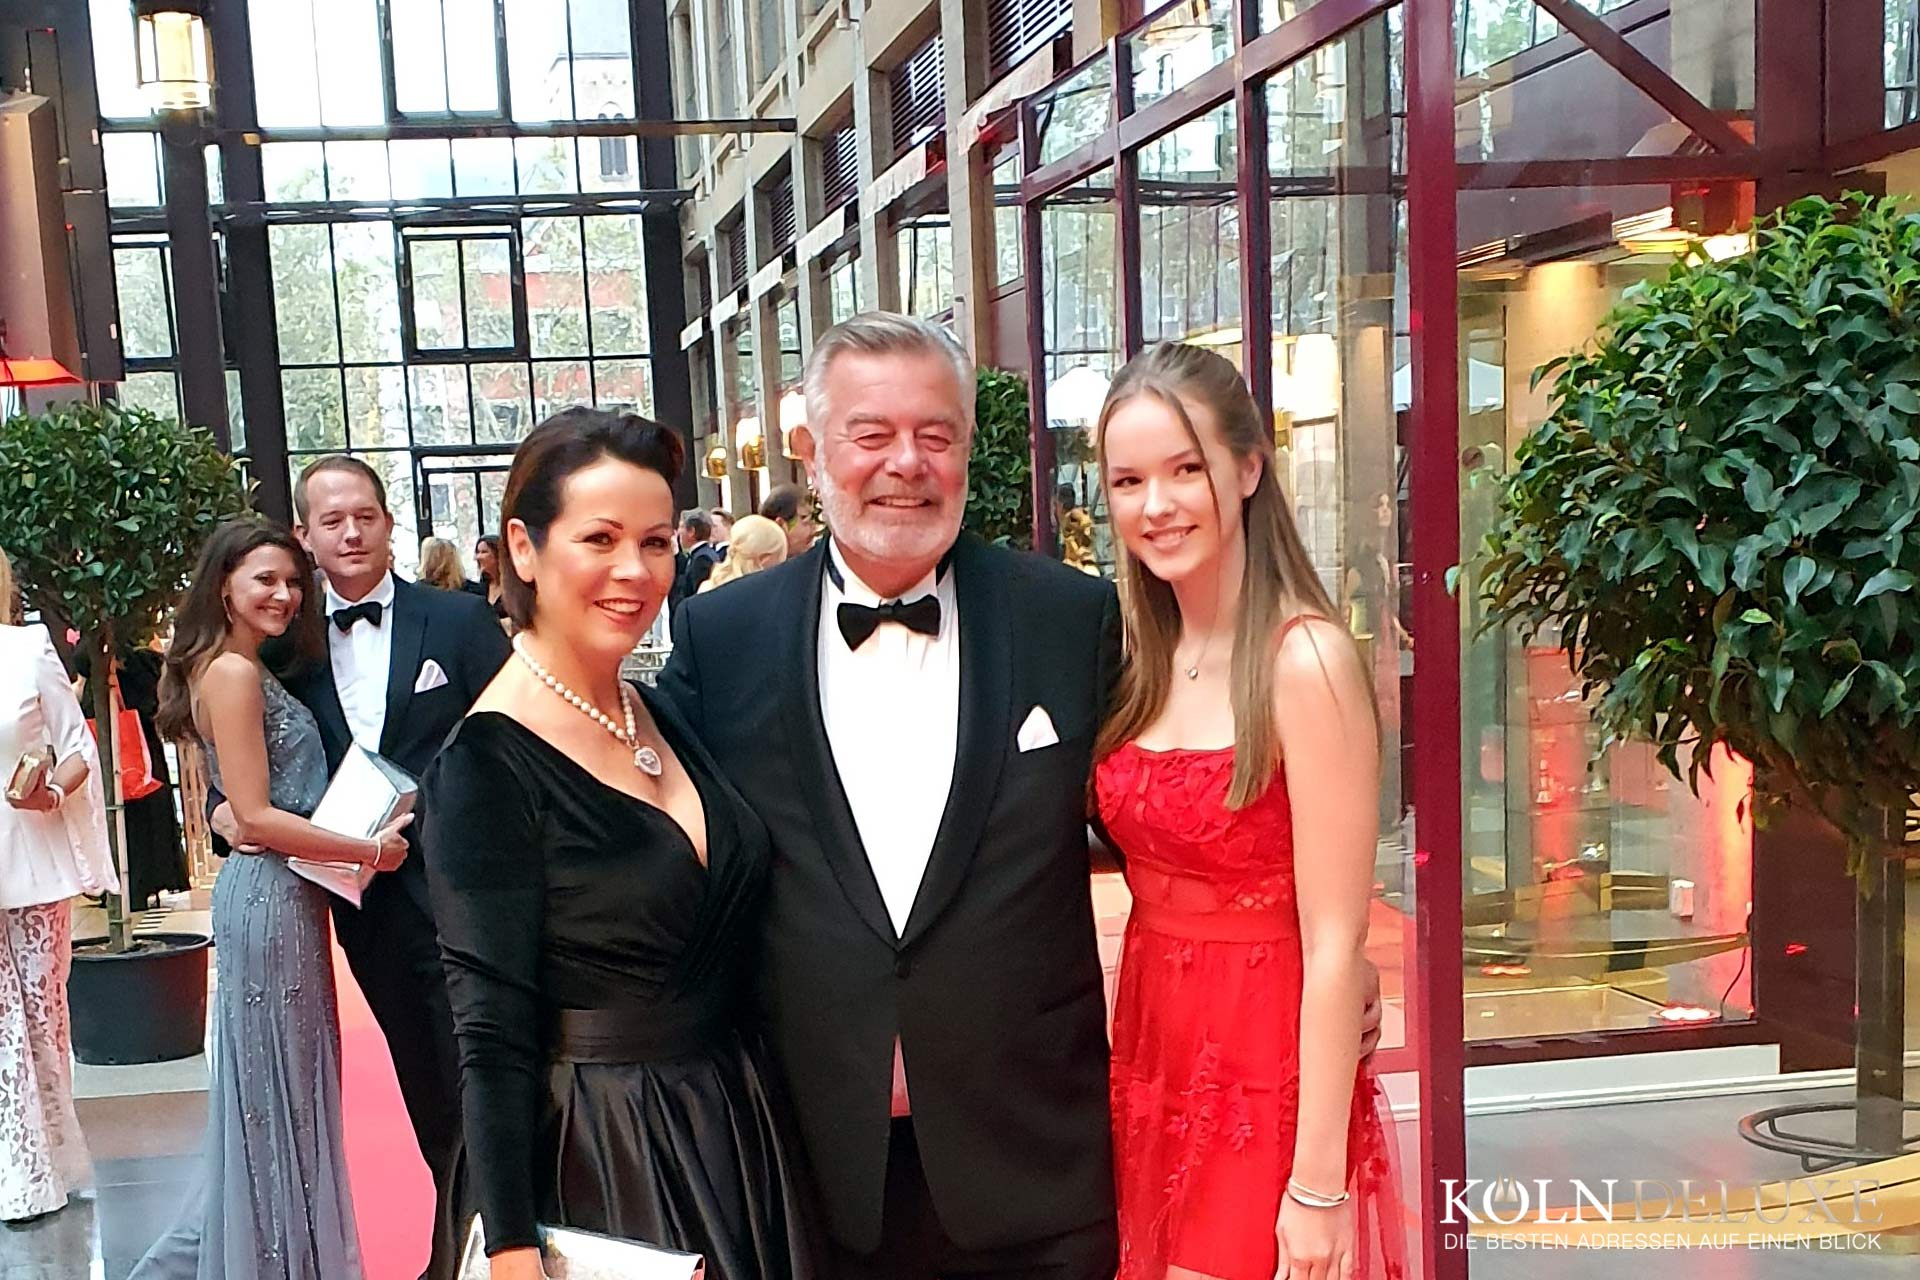 KölnBall 2019 - Harry Wijnvoord mit Begleitung © Köln Deluxe | Paul Schütte